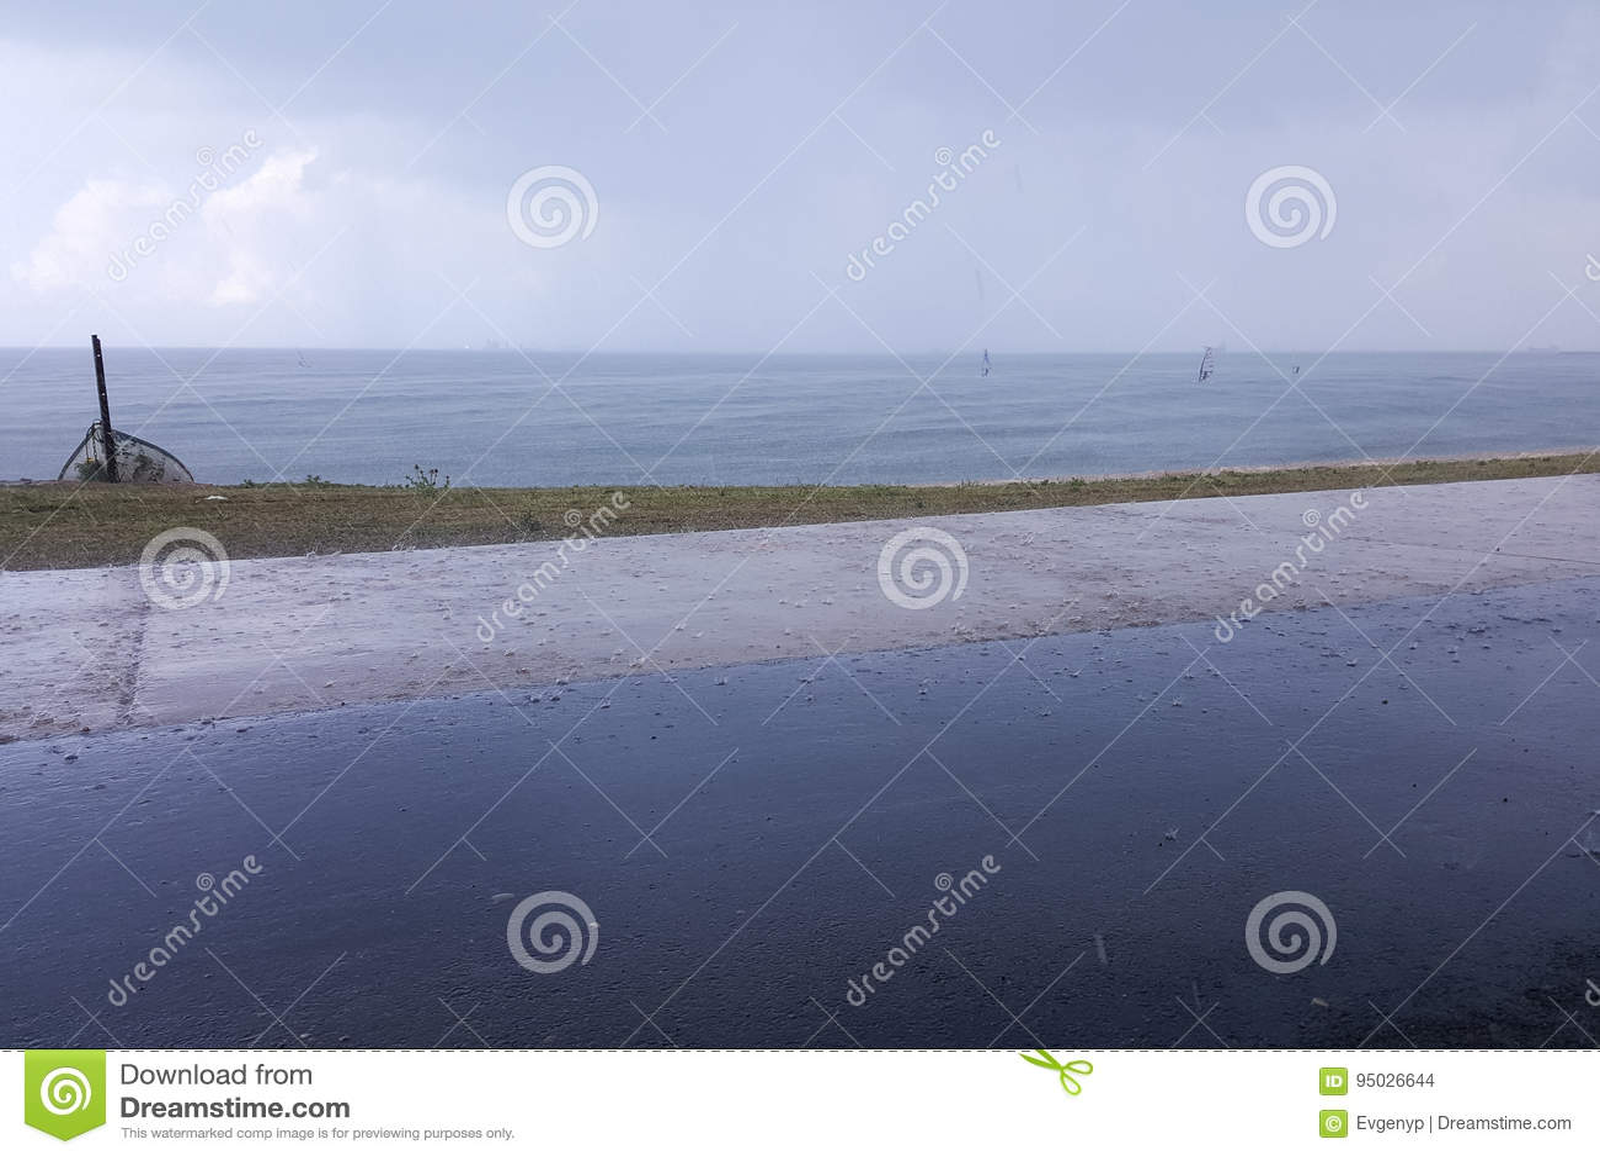 El tiempo nublado en la costa, personas que practica surf monta en la lluvia, colgando se nubla